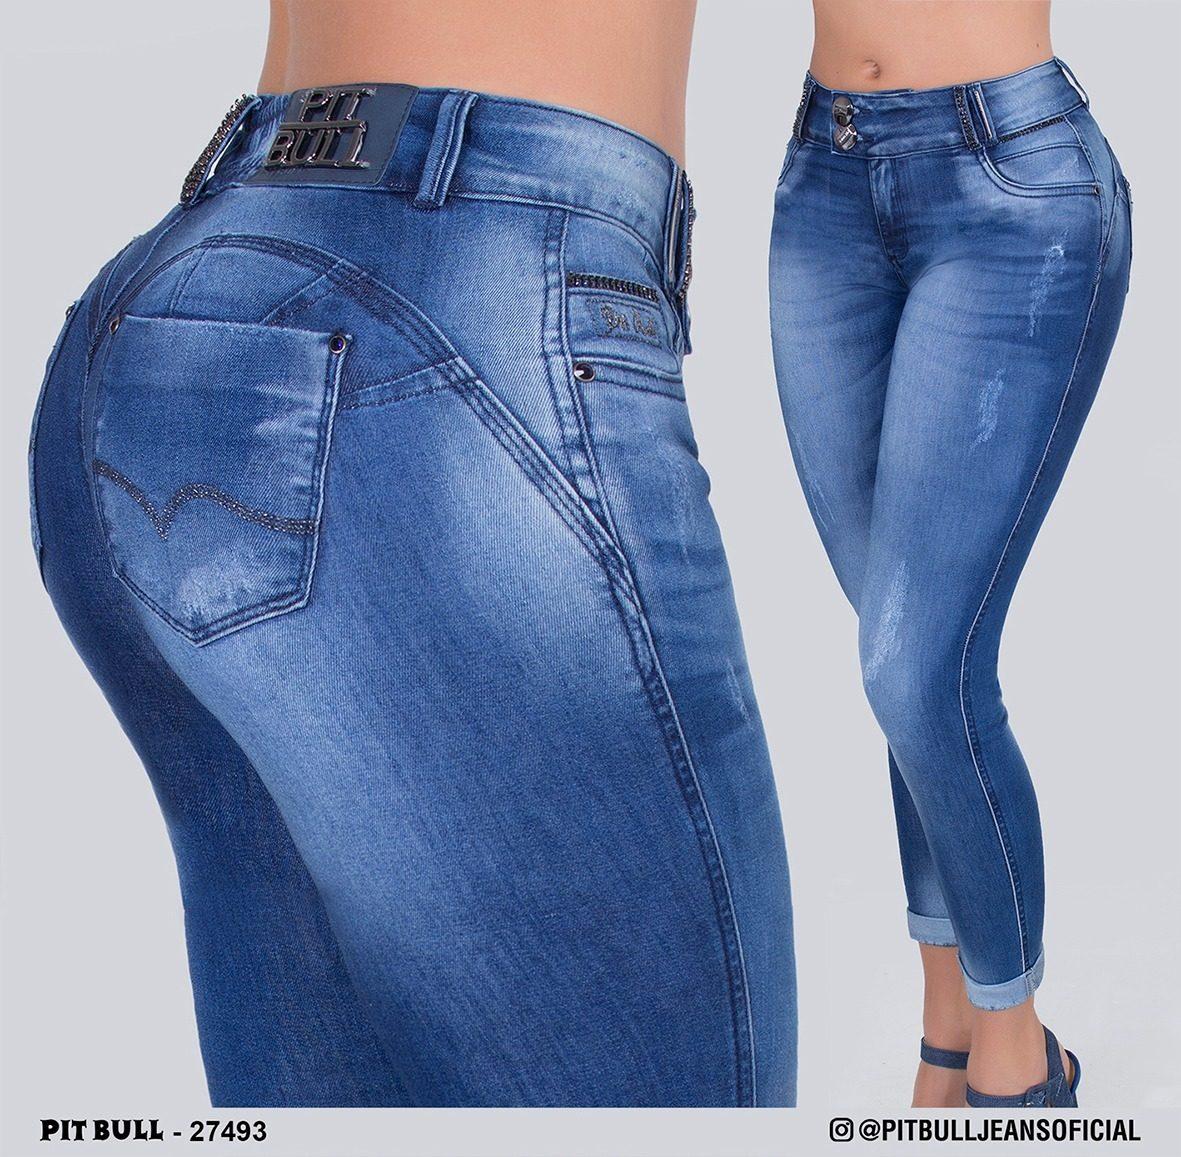 c9e9f7be2 lançamento calça feminina pitbull coleção 2018 ref 27493. Carregando zoom.